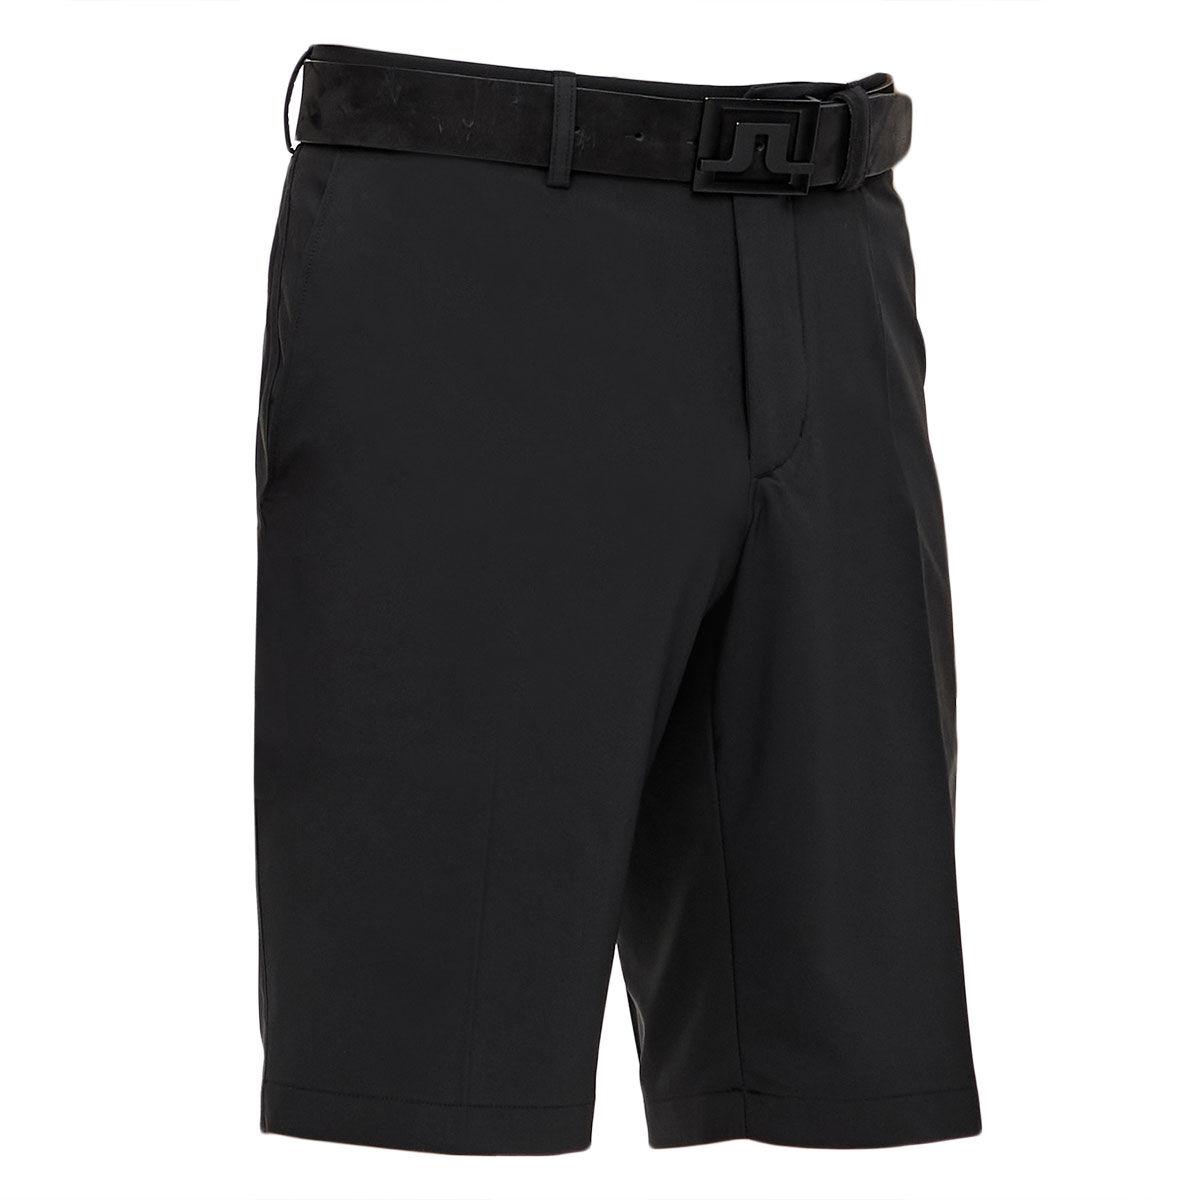 J.Lindeberg Mens Black Lightweight Embroidered Somle Golf Shorts, Size: 30 | American Golf